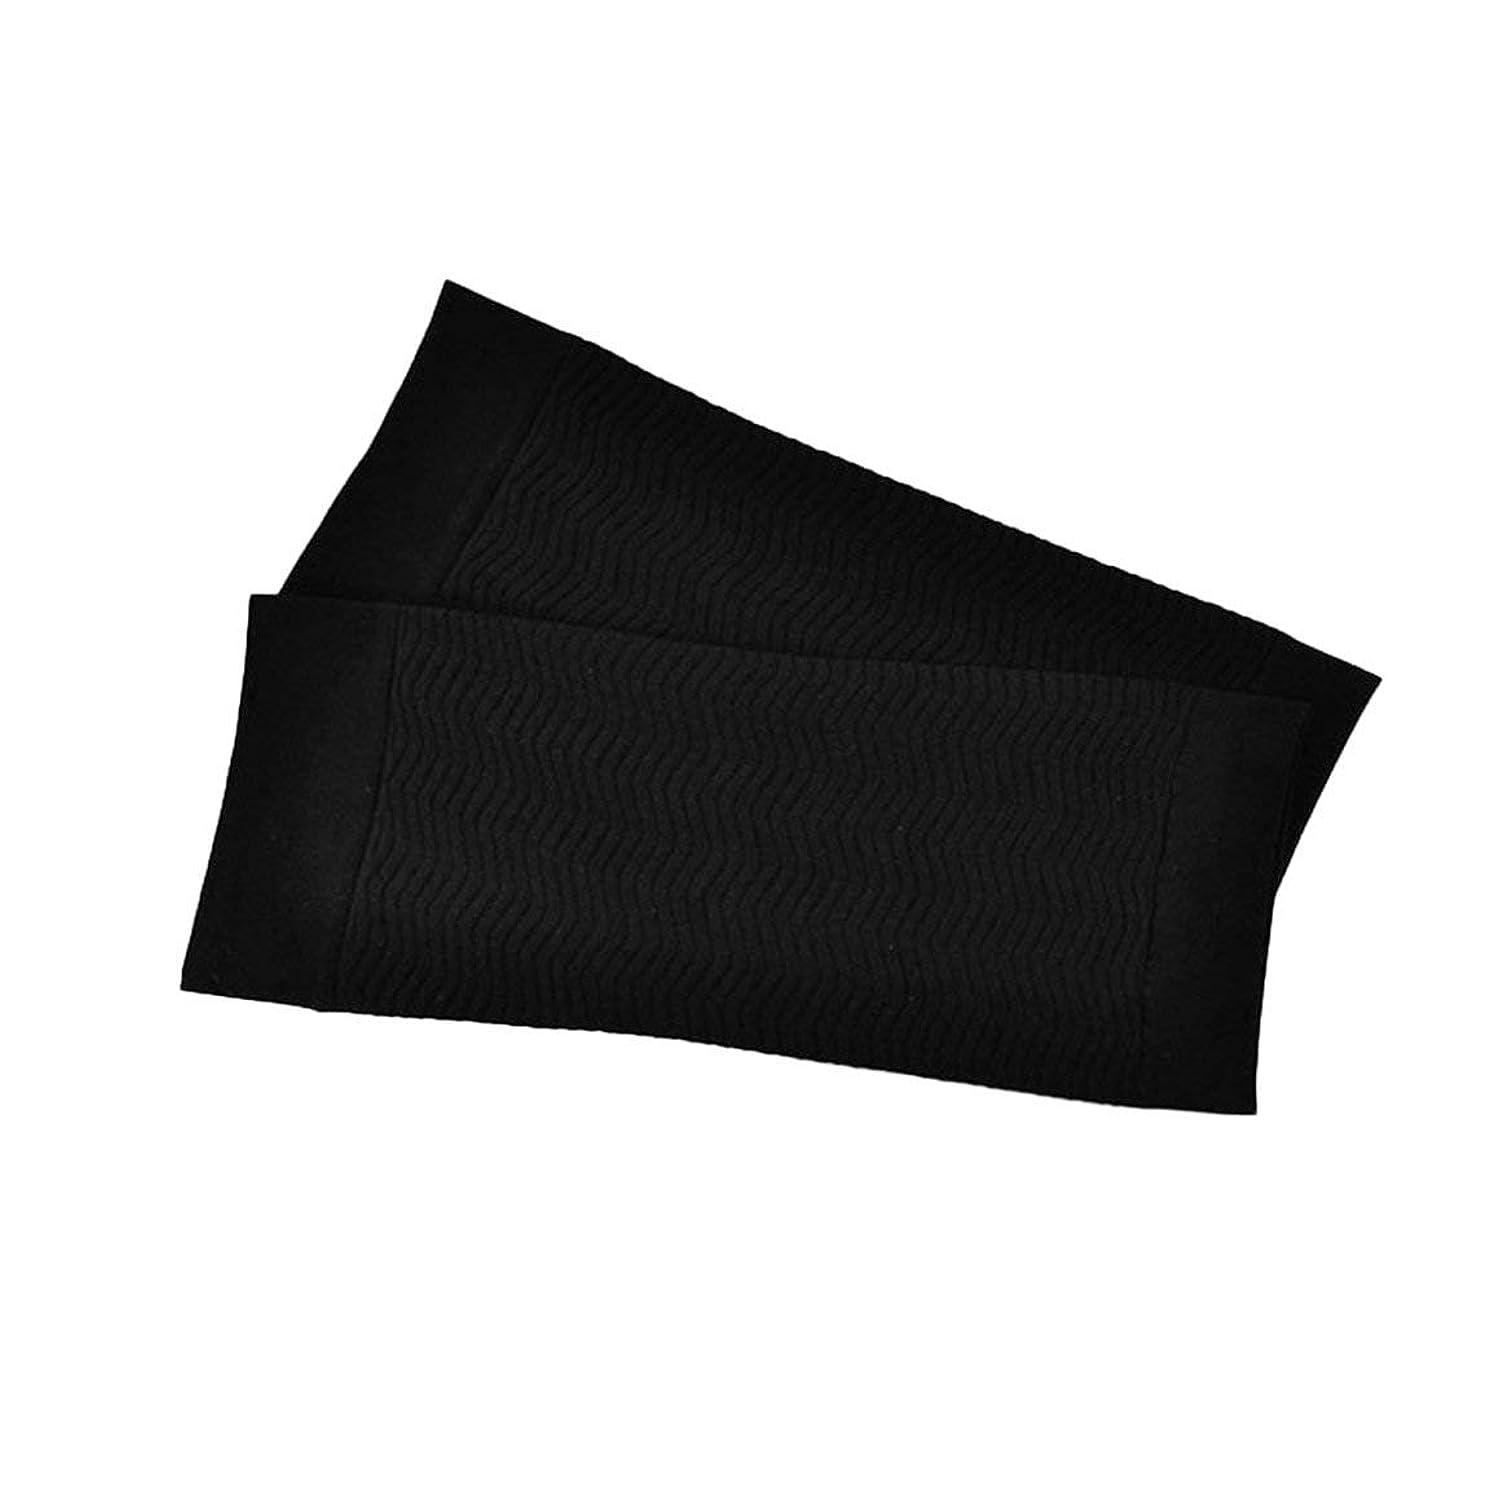 すずめ不公平スカウト1ペア680 D圧縮アームシェイパーワークアウトトーニングバーンセルライトスリミングアームスリーブ脂肪燃焼半袖用女性 - ブラック